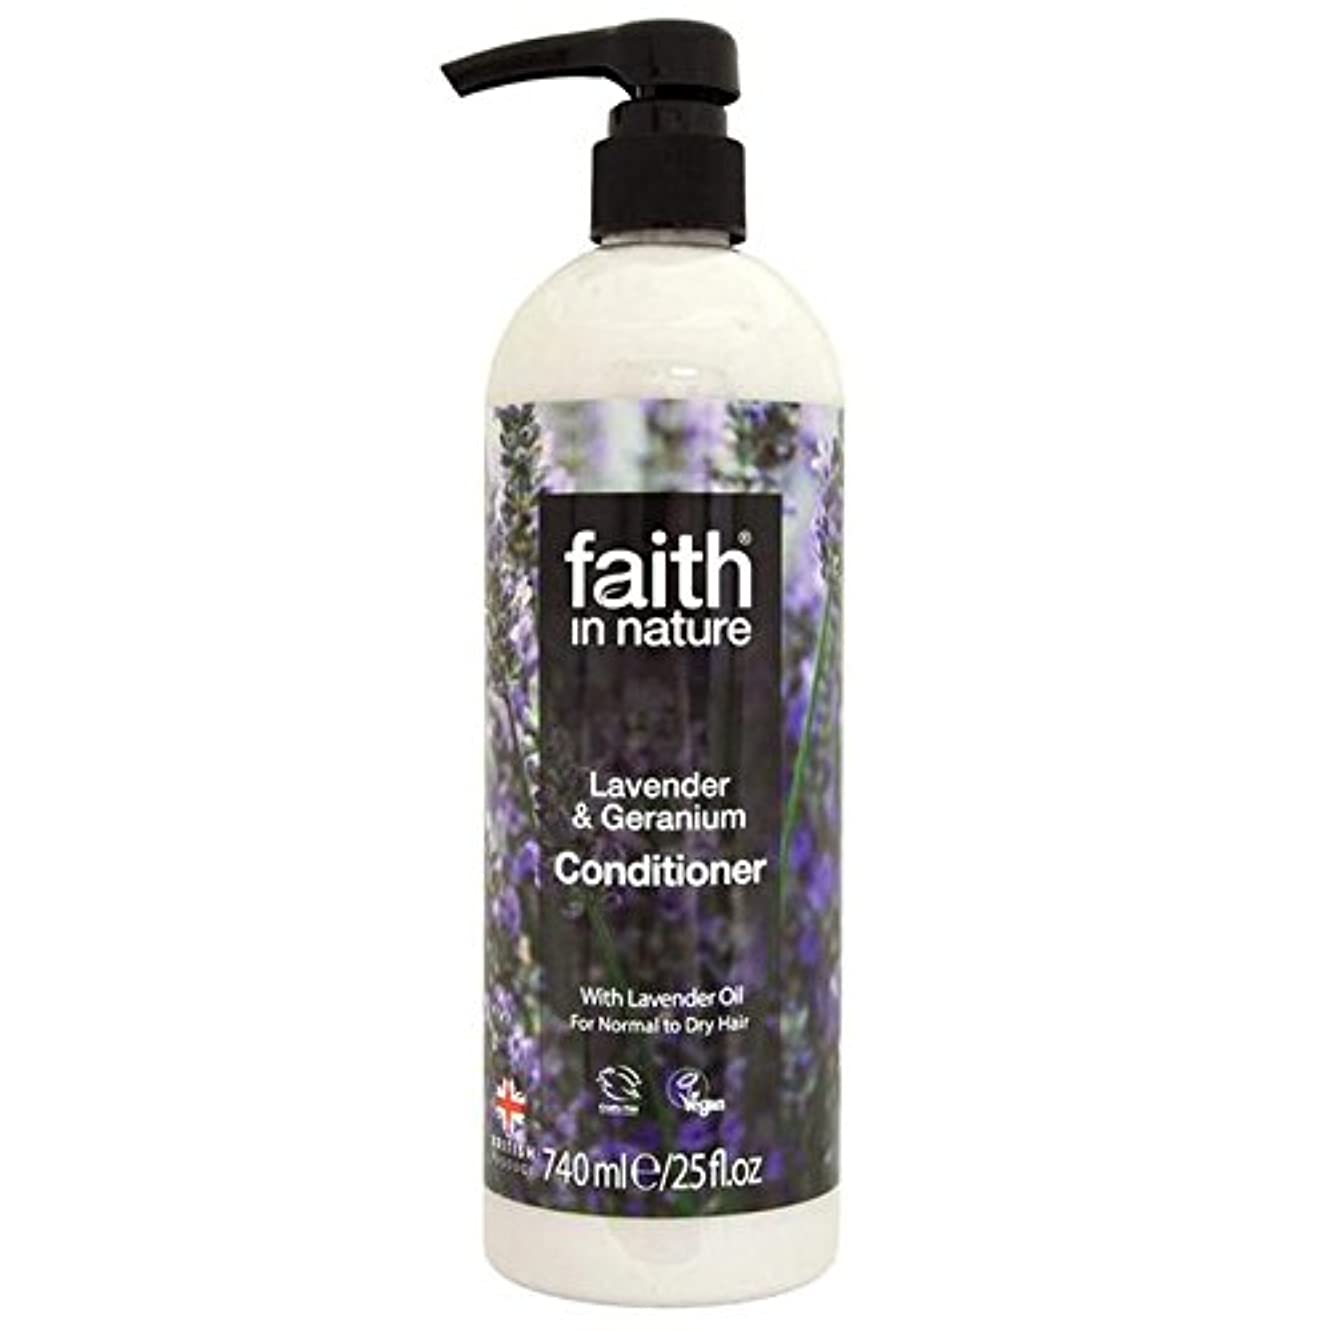 他に哀れな可能性Faith in Nature Lavender & Geranium Conditioner 740ml (Pack of 6) - (Faith In Nature) 自然ラベンダー&ゼラニウムコンディショナー740...